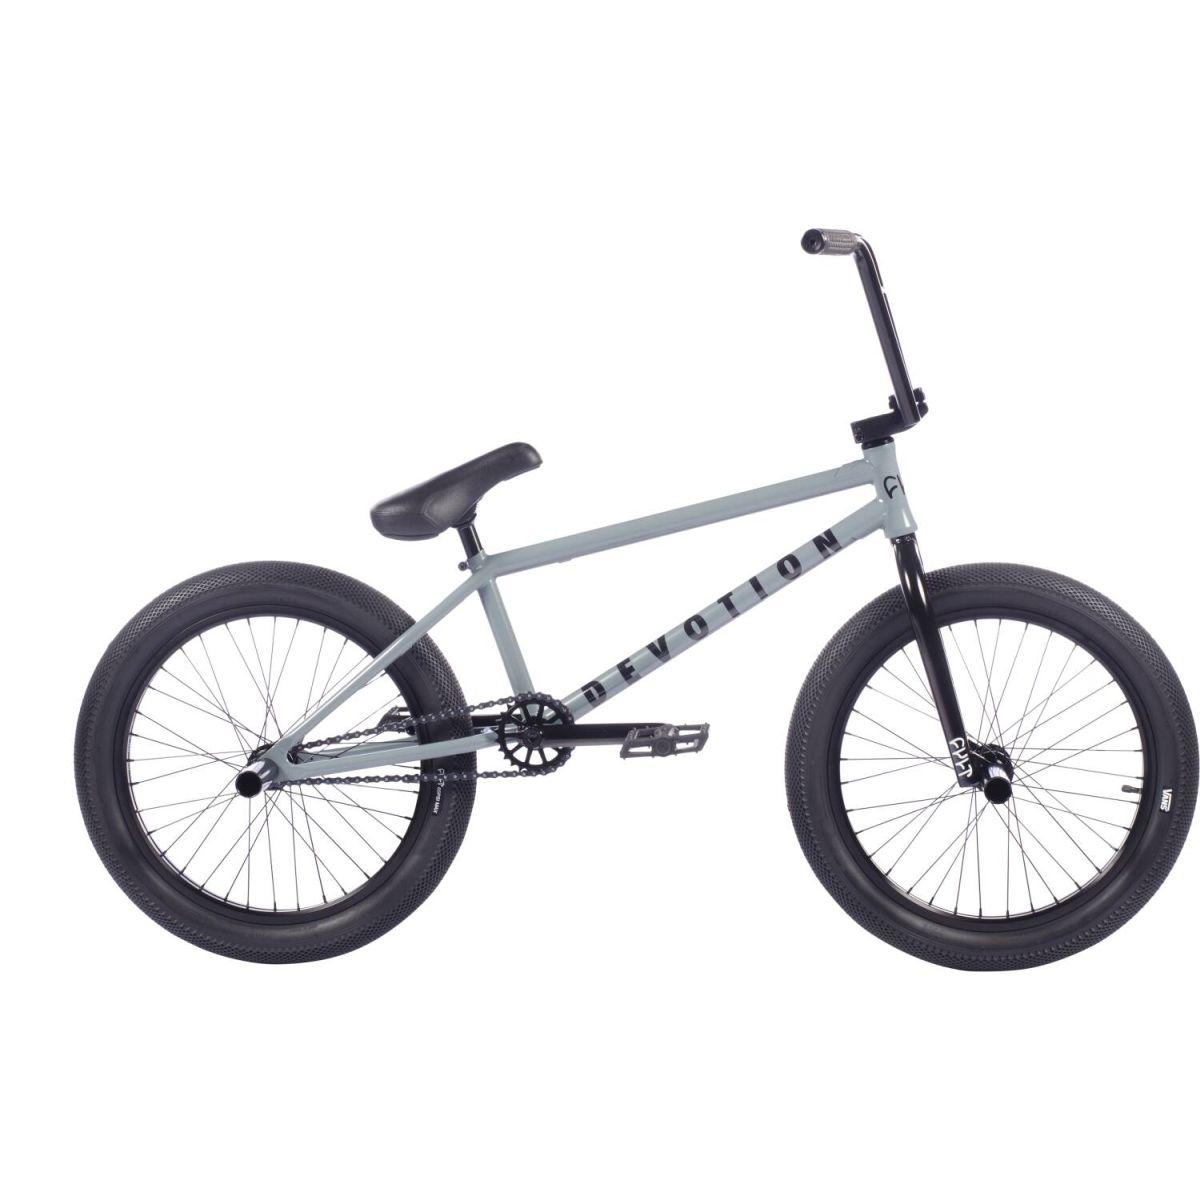 Rower BMX Cult Devotion-B 2021 Grey